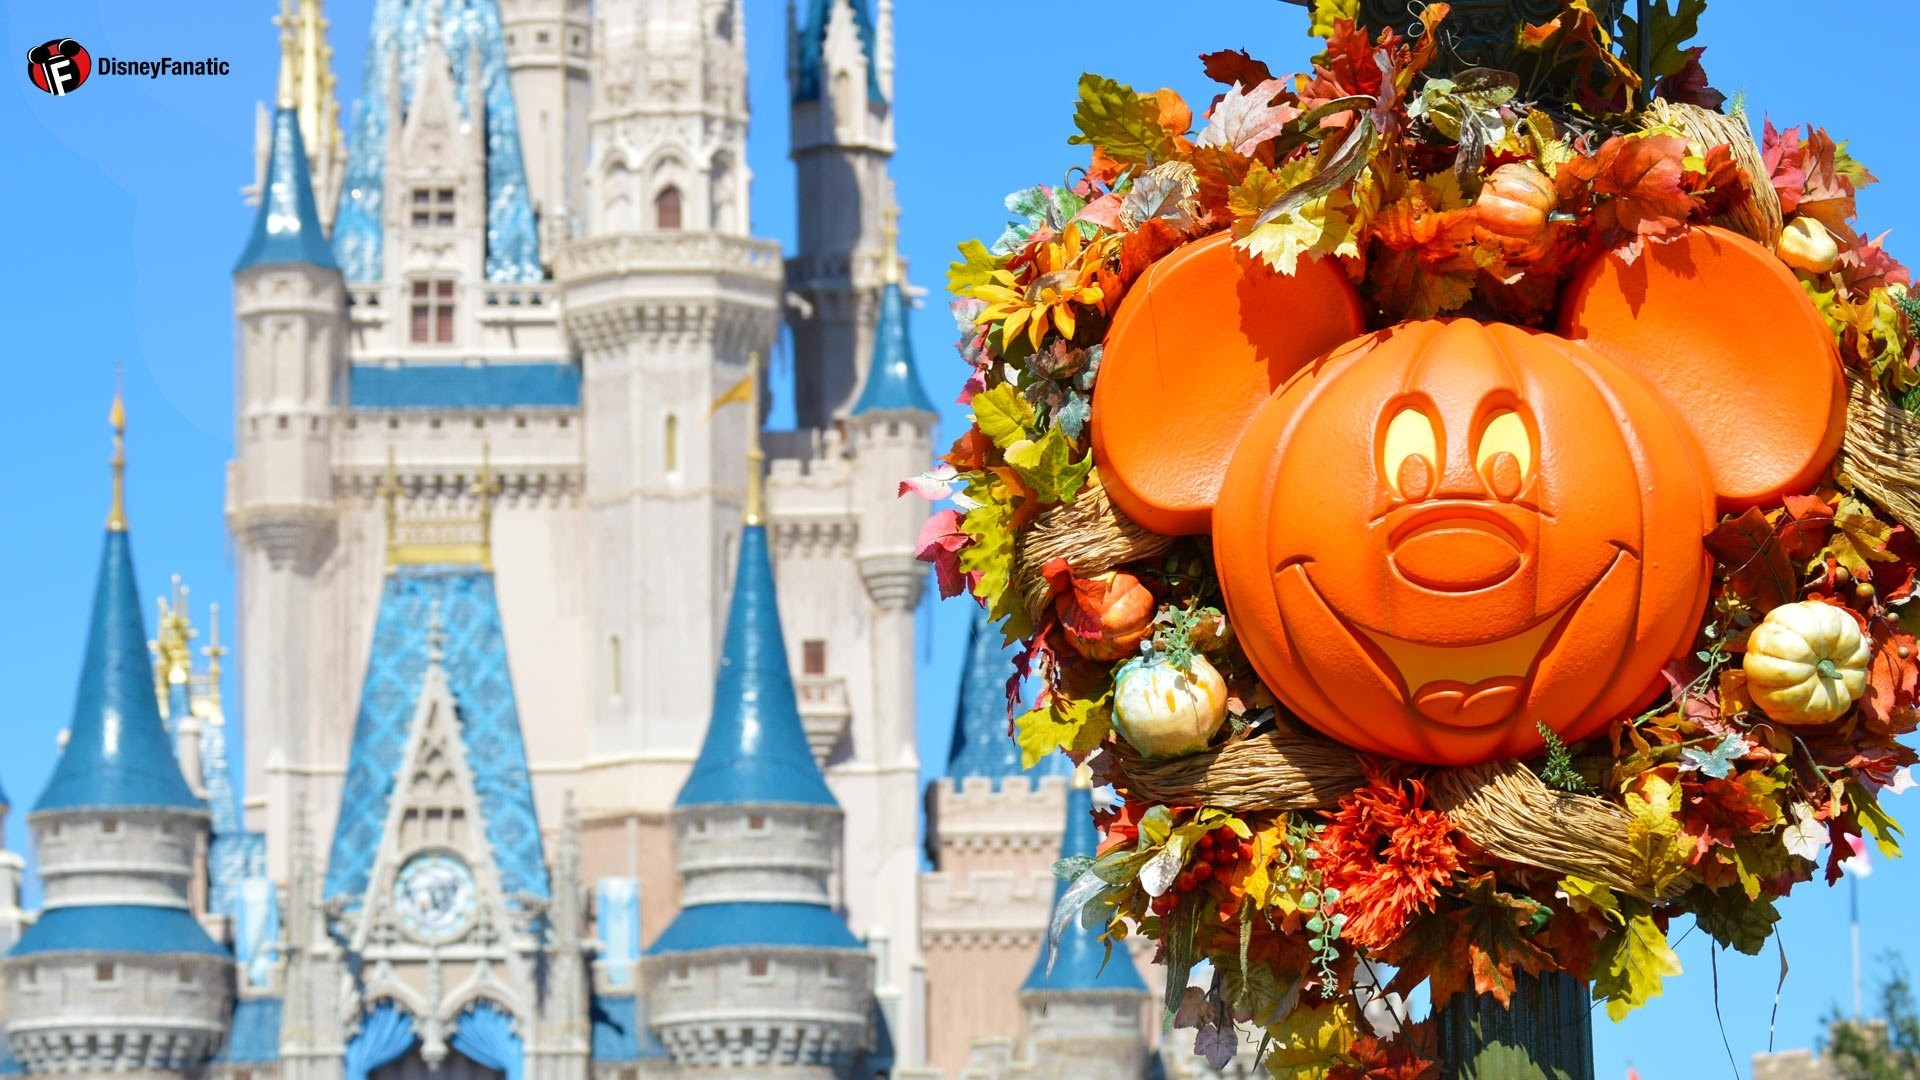 Autumn Fall Wallpaper 1600x900 Walt Disney Desktop Wallpaper 183 ①